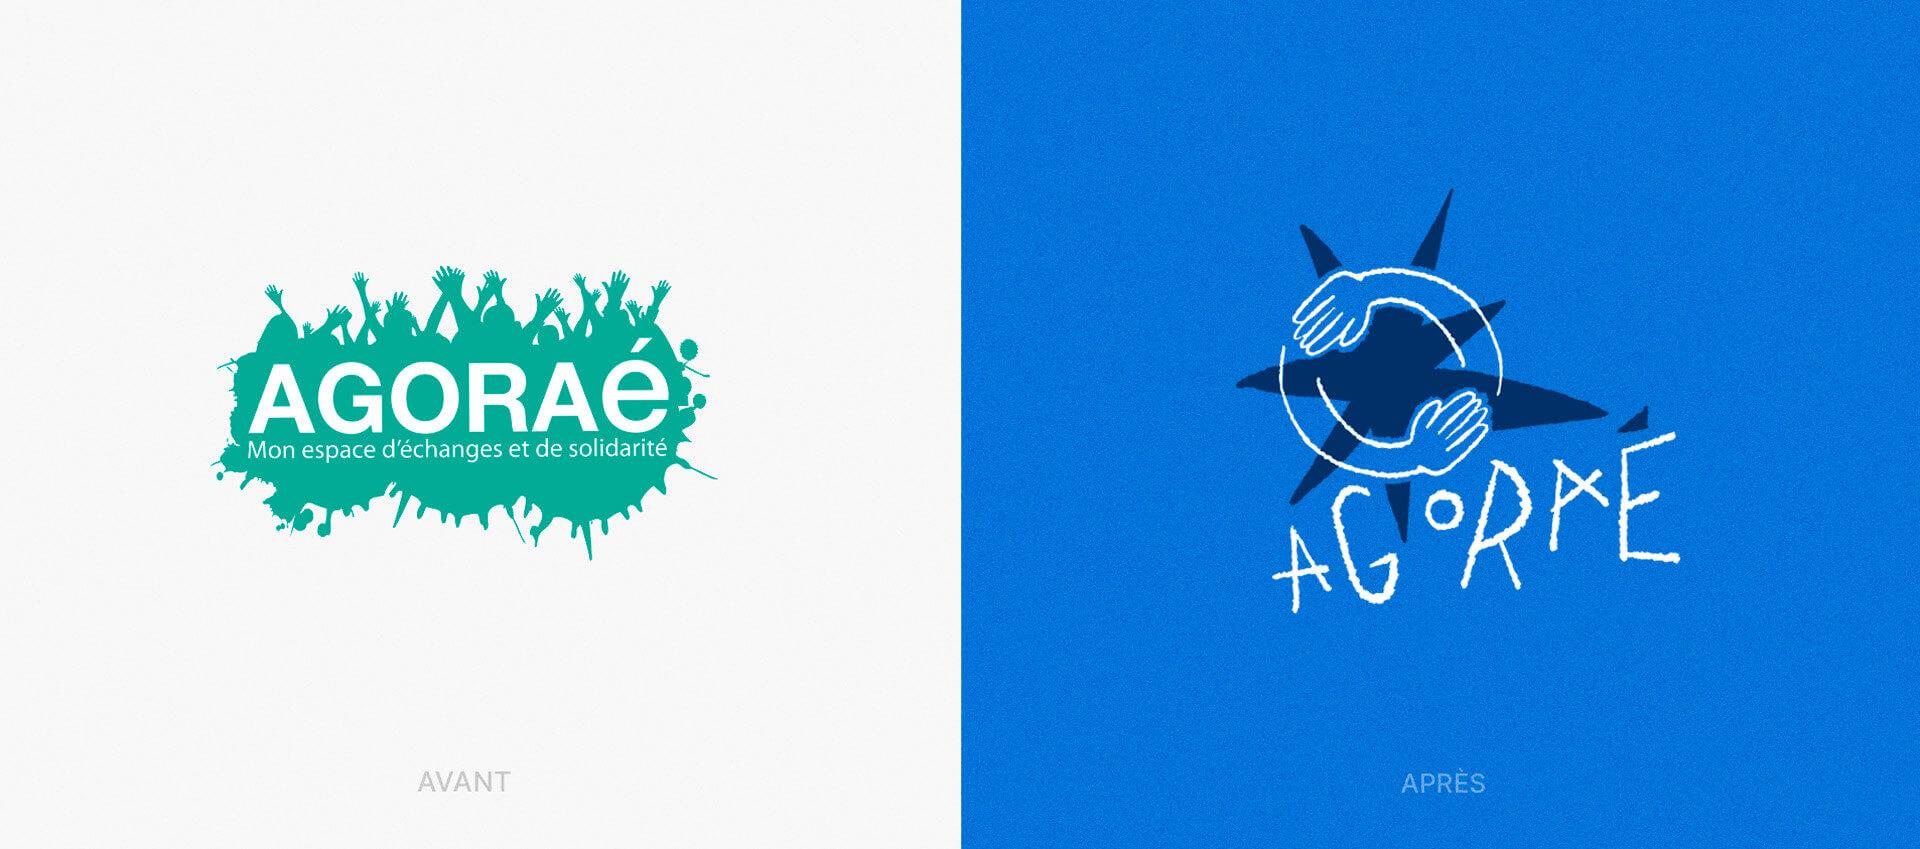 Nouveau logo Agoraé versus l'ancien